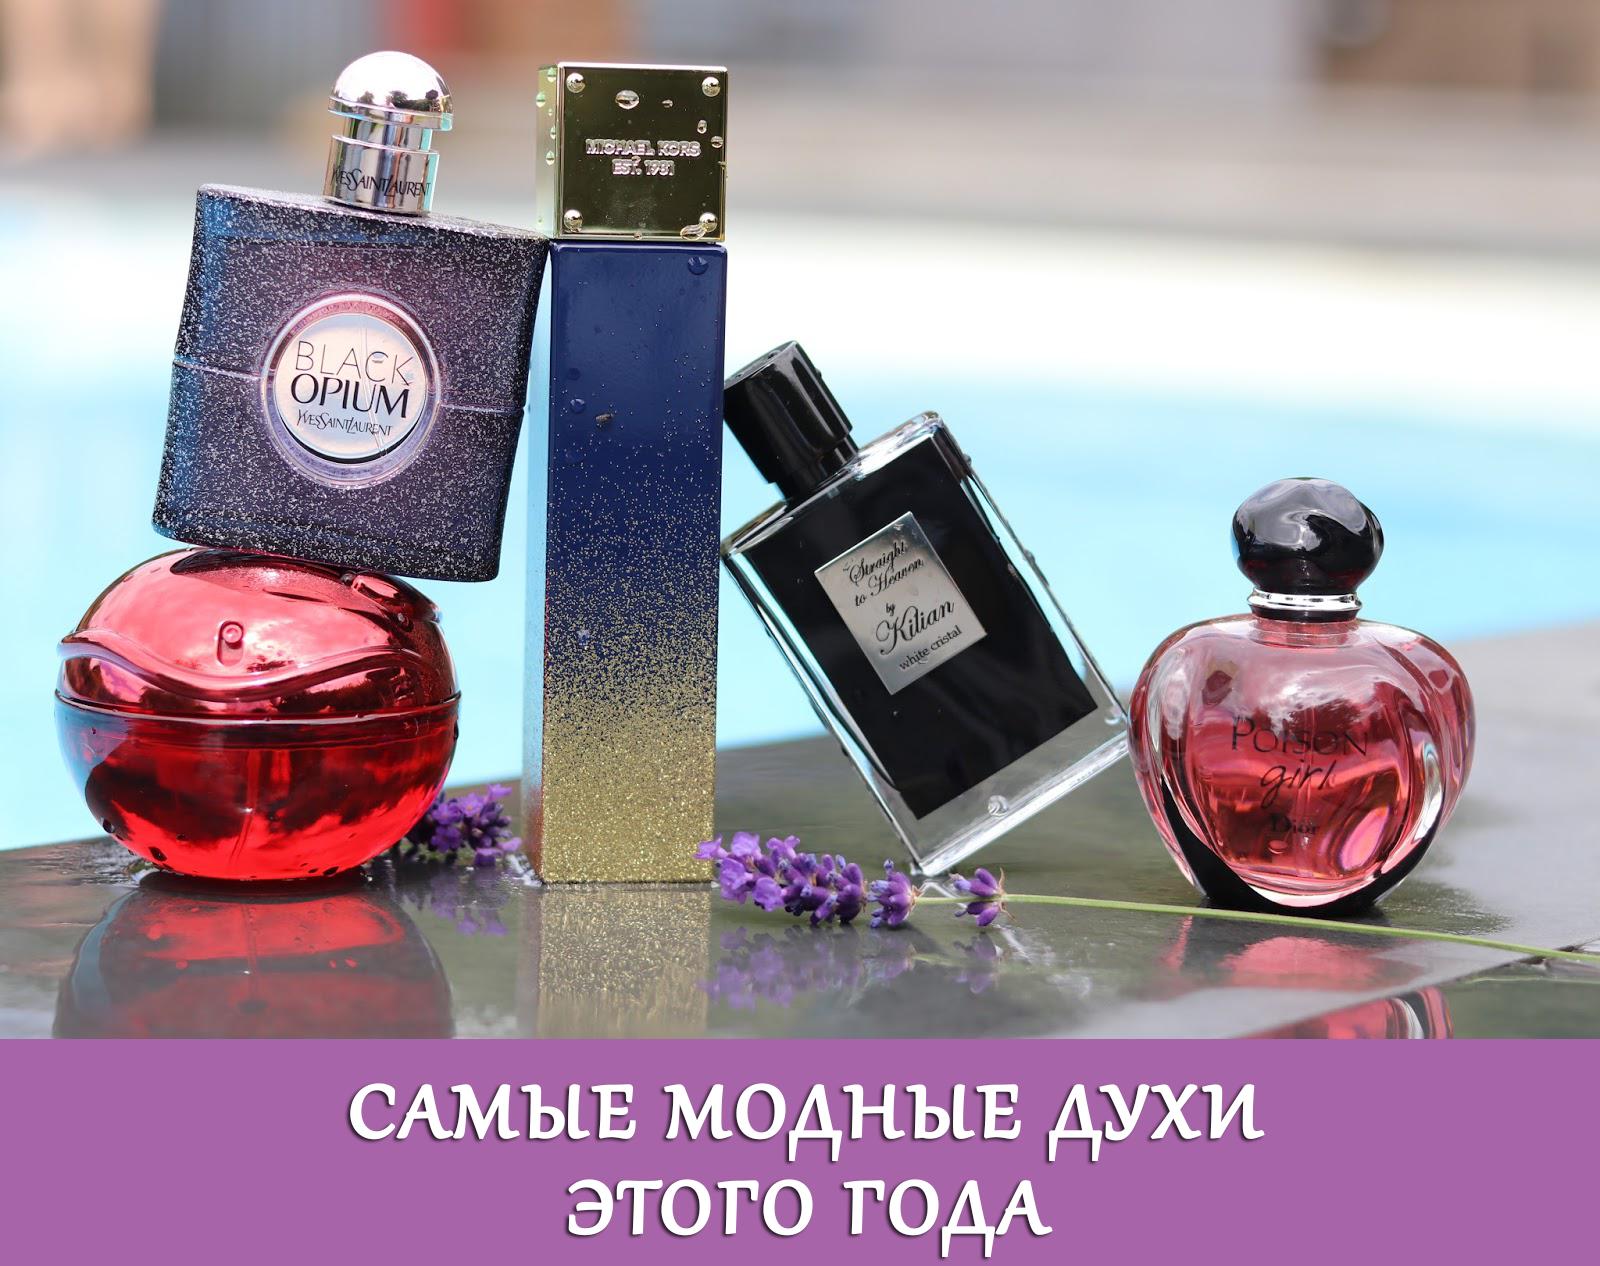 Рейтинг лучших модных ароматов духов для женщин 2020 года!